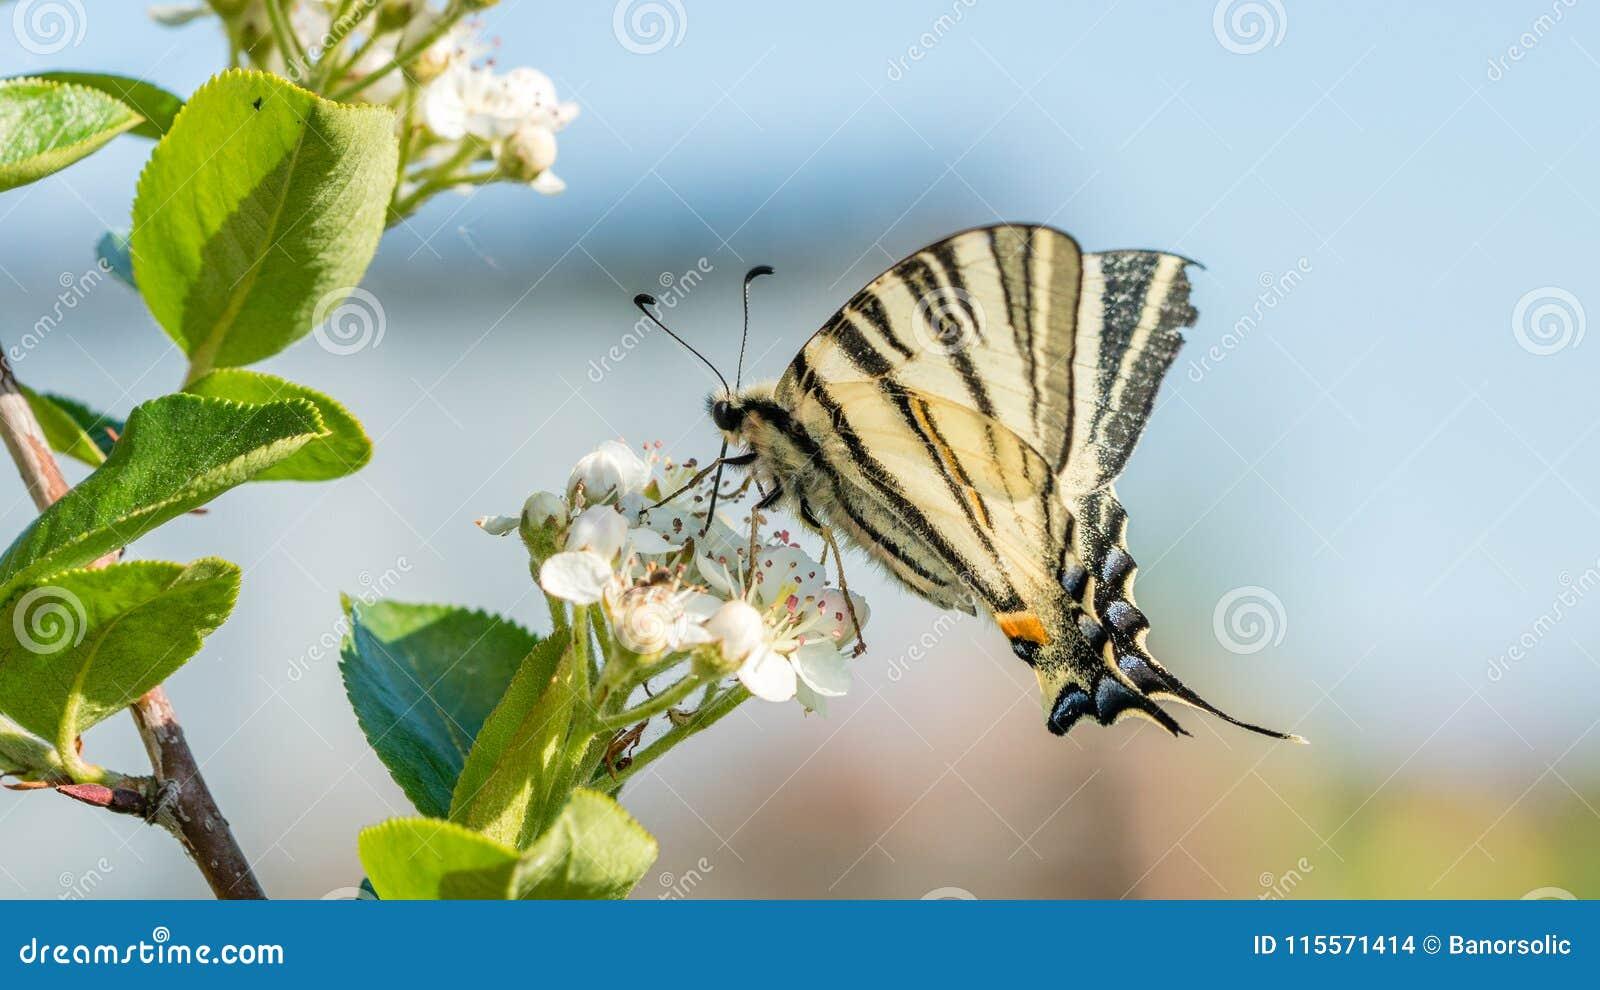 Бесплатное изображение: Махаон, черный, Бабочка, желтый, оранжевый ... | 821x1300